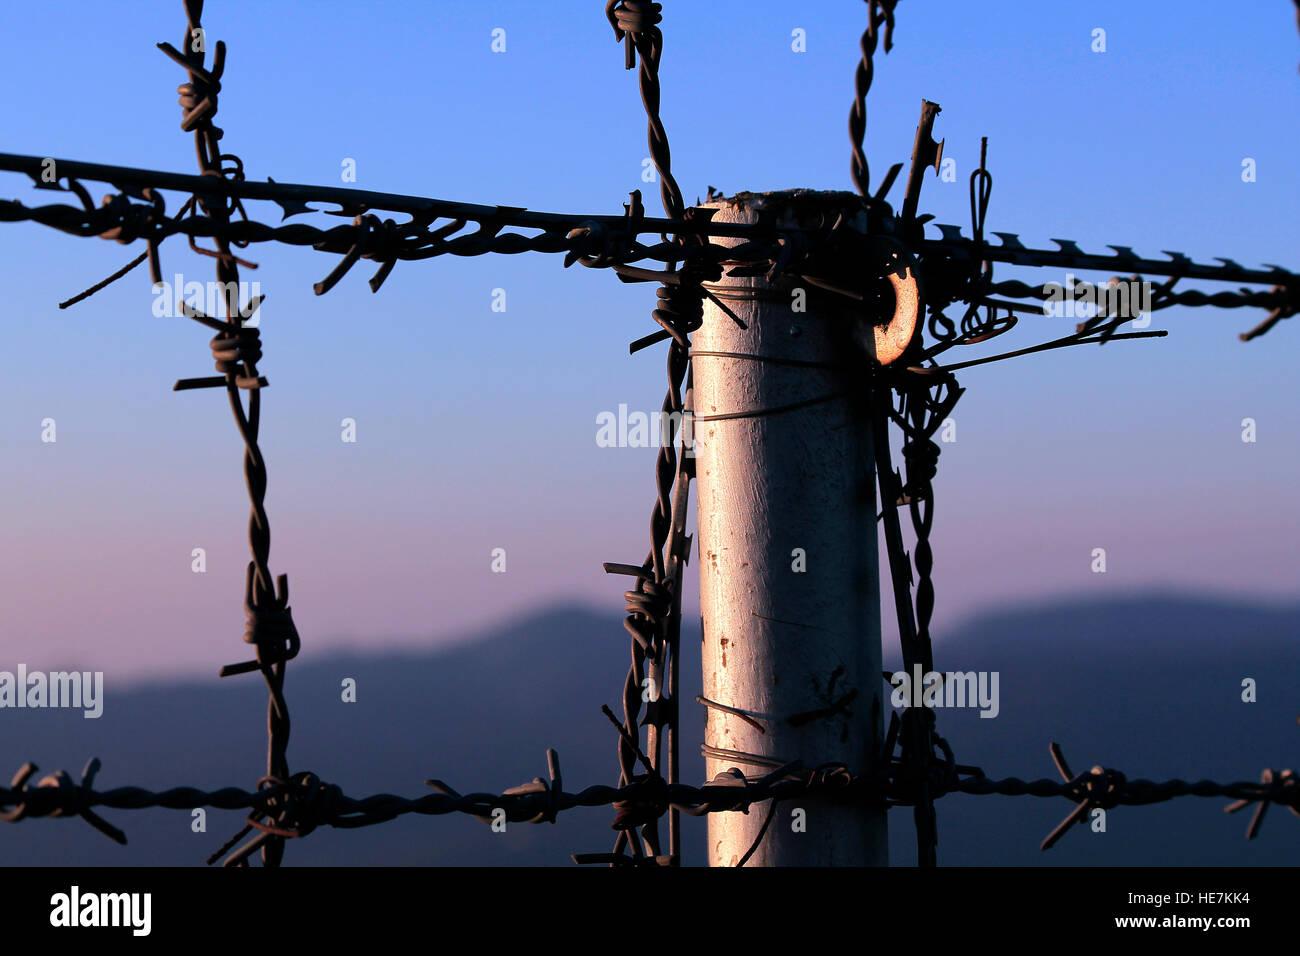 Fences - Stock Image